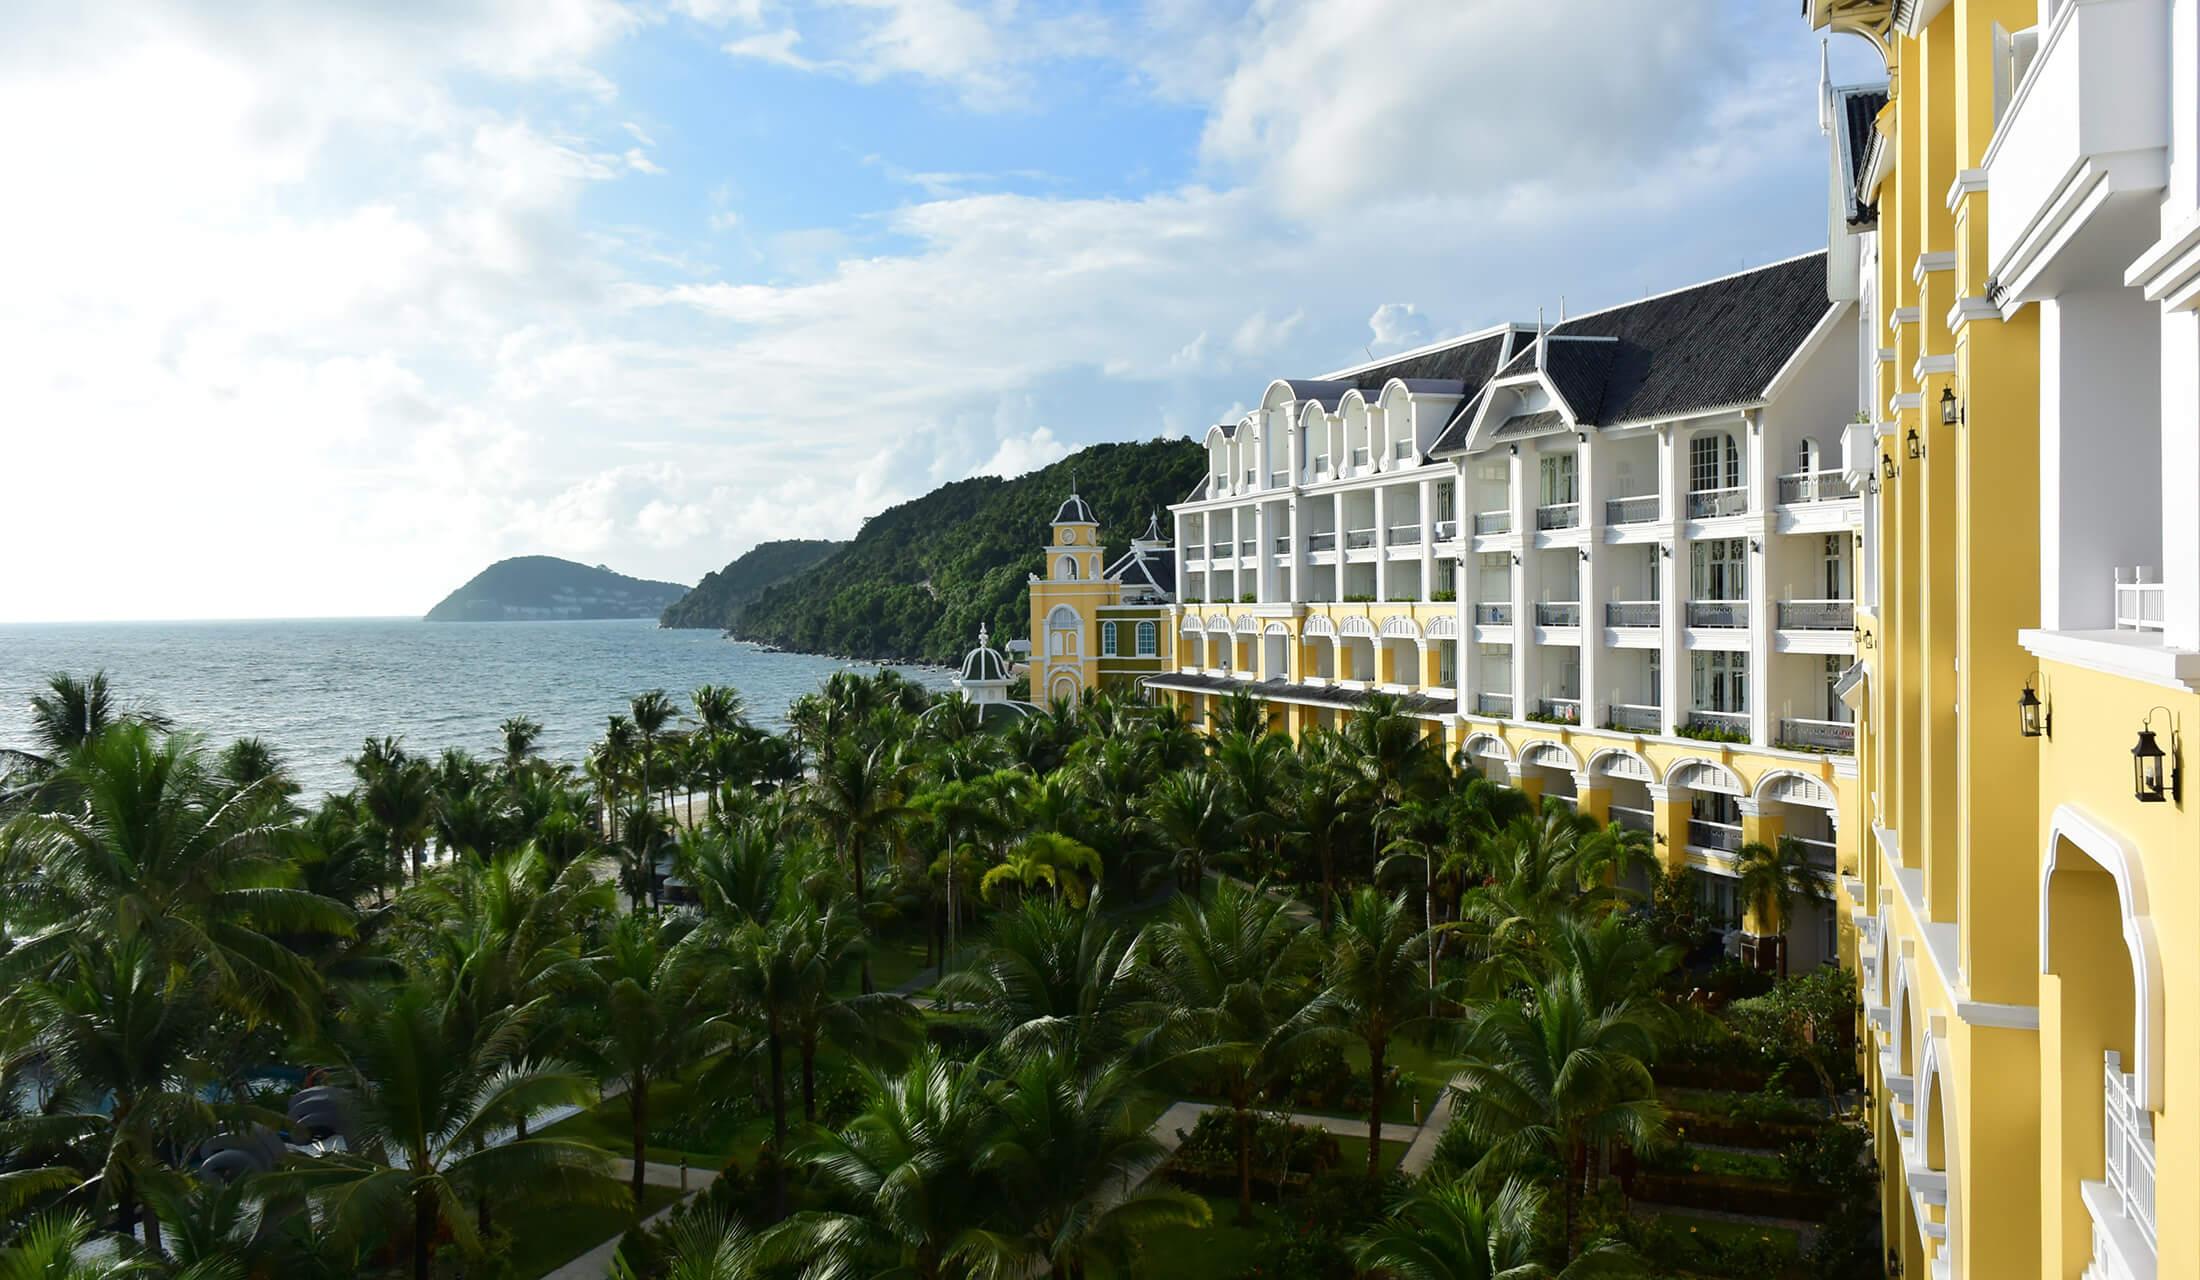 ベトナムのフーコック島にある、JWマリオット・フーコック・エメラルド・ベイ・リゾート&スパ